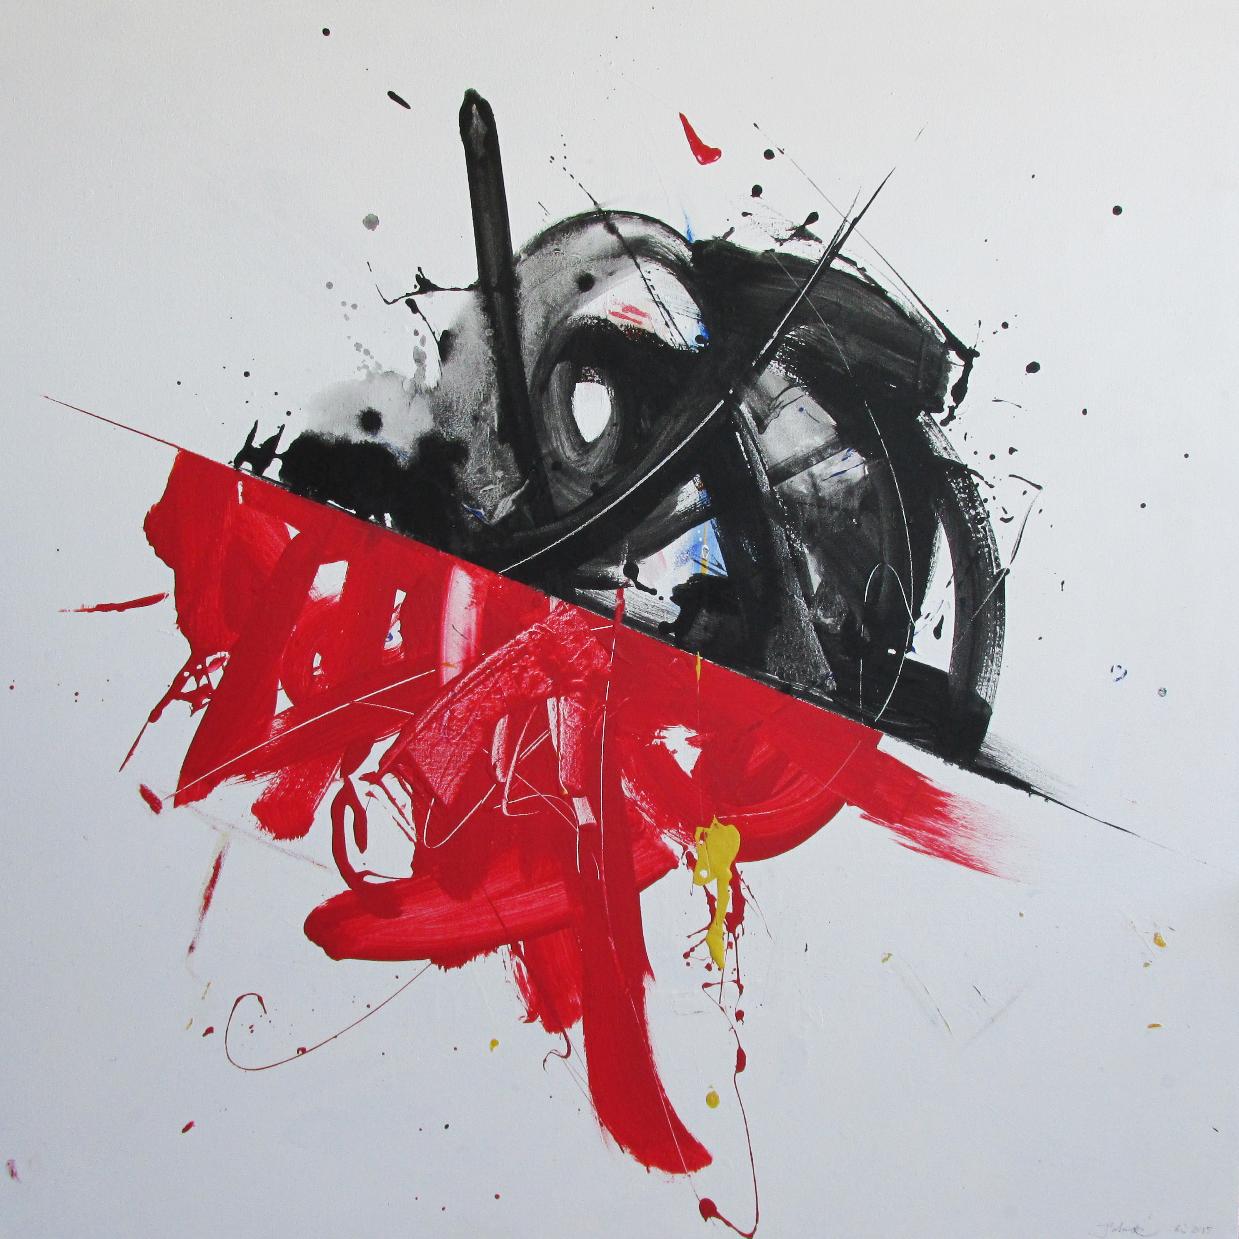 gesto obliquo rosso e nero agosto 2015_edited.jpg